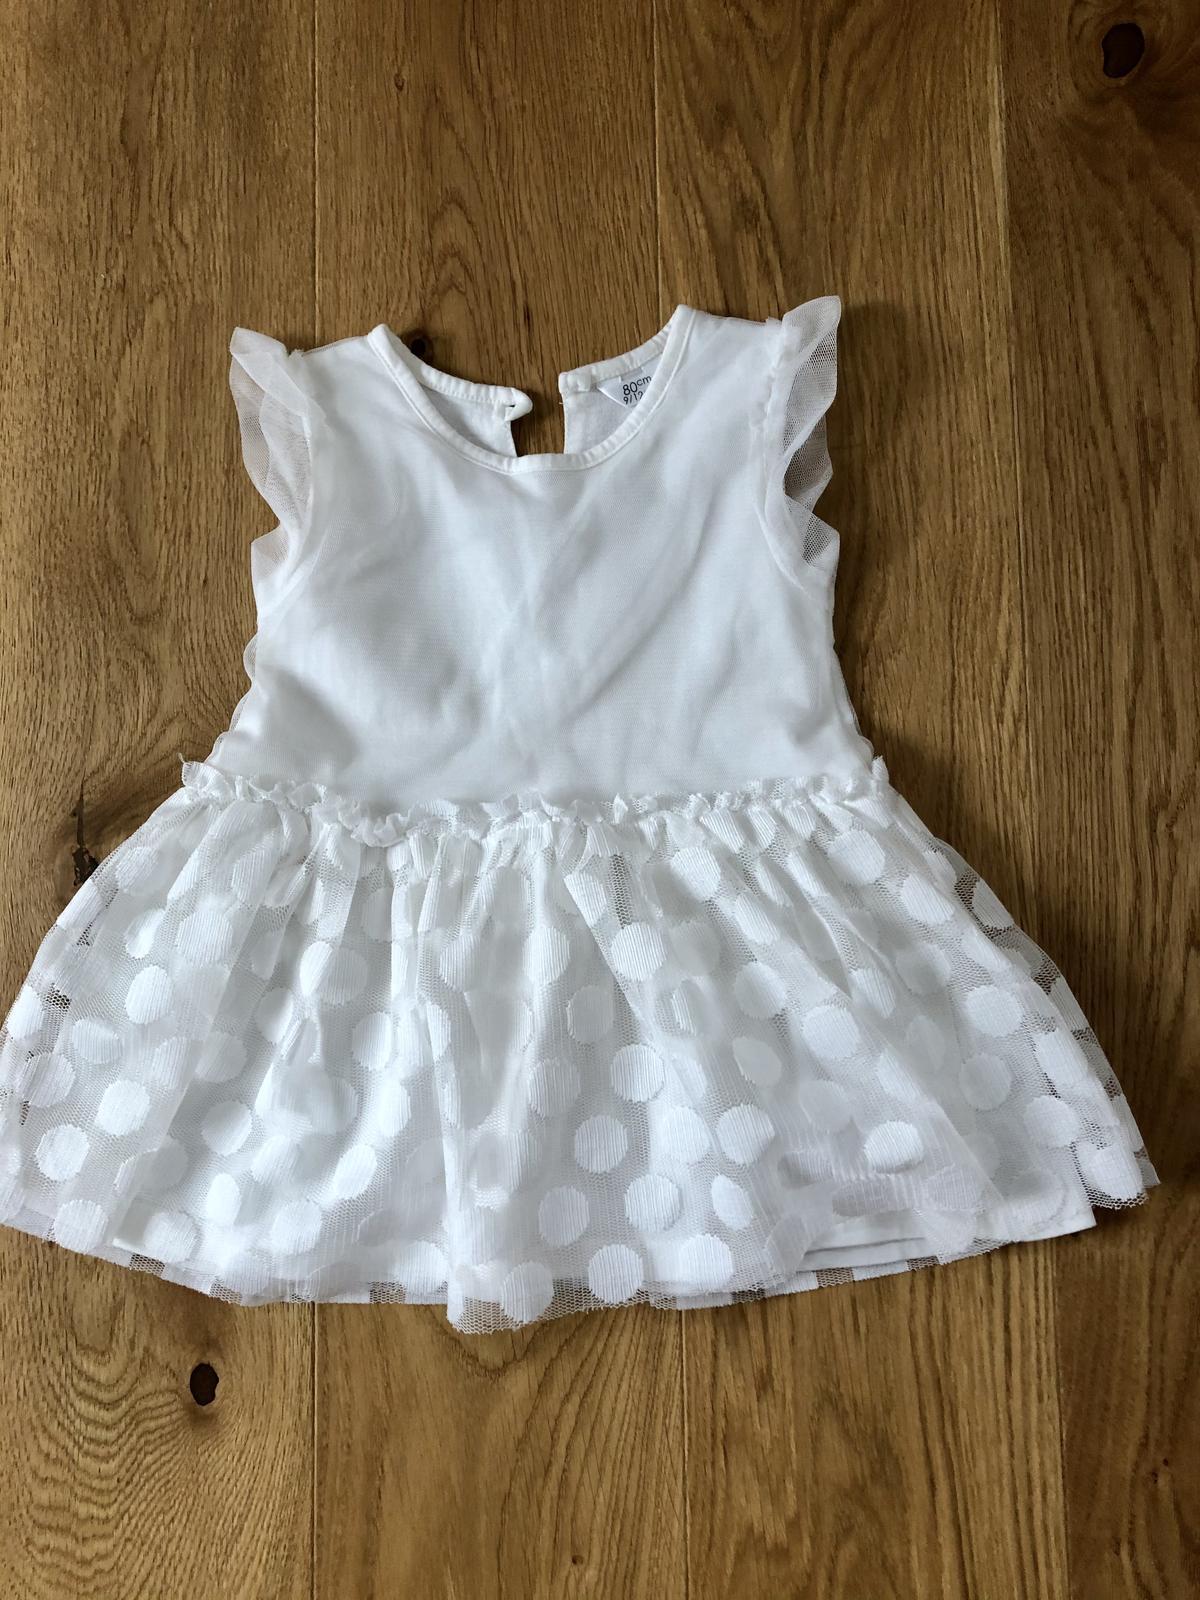 Nové dětské šaty 9-12m - Obrázek č. 1